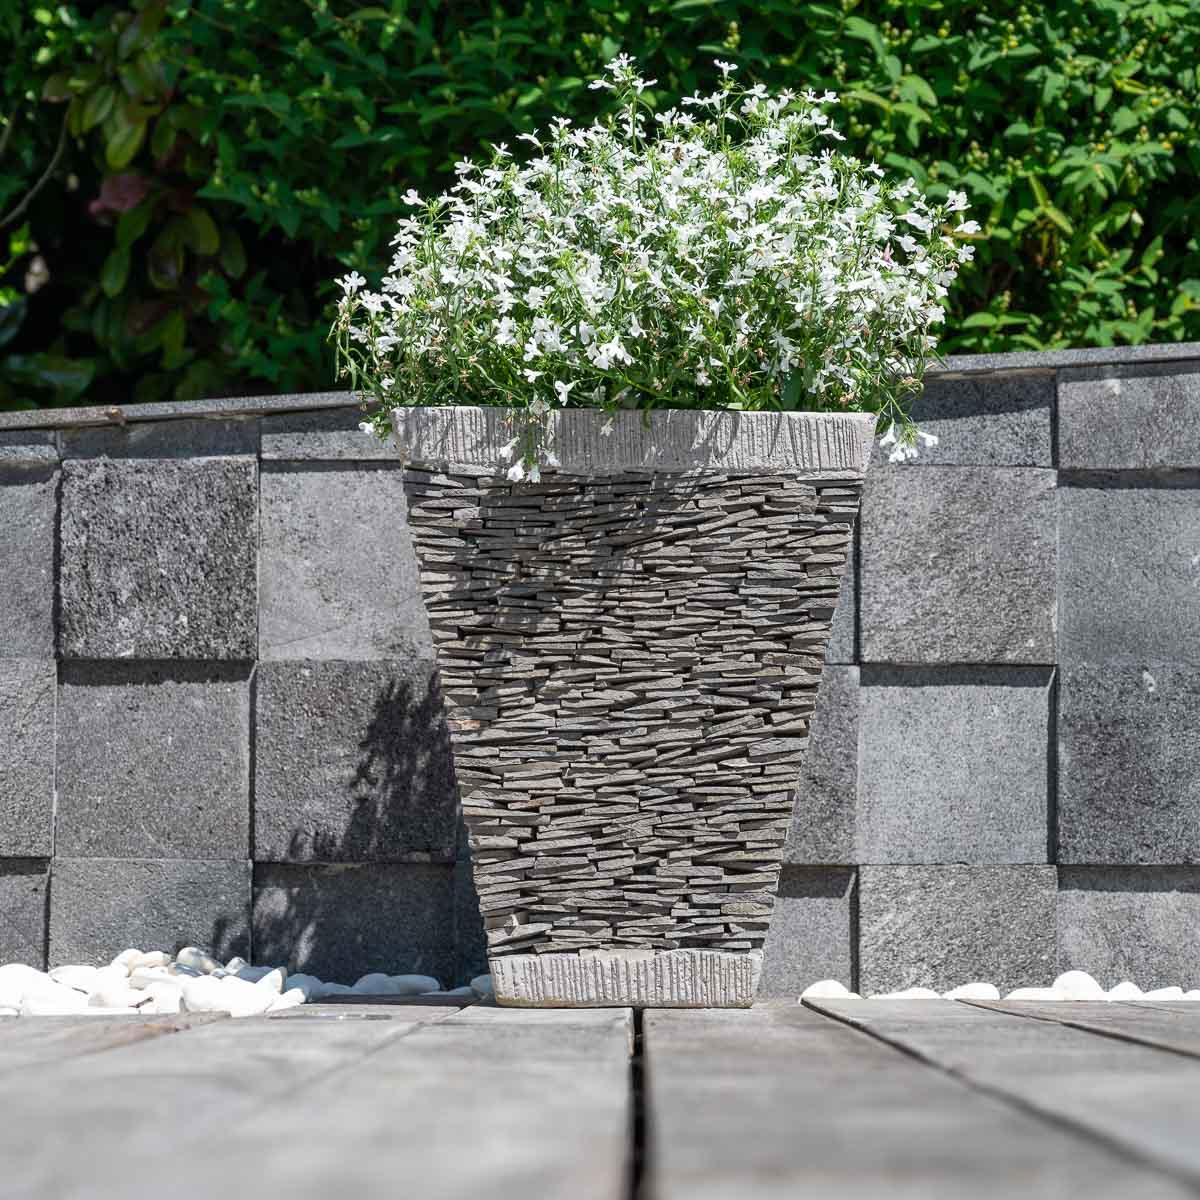 Wanda Collection Pot bac jardinière carré ardoise hauteur 50cm pierre naturelle